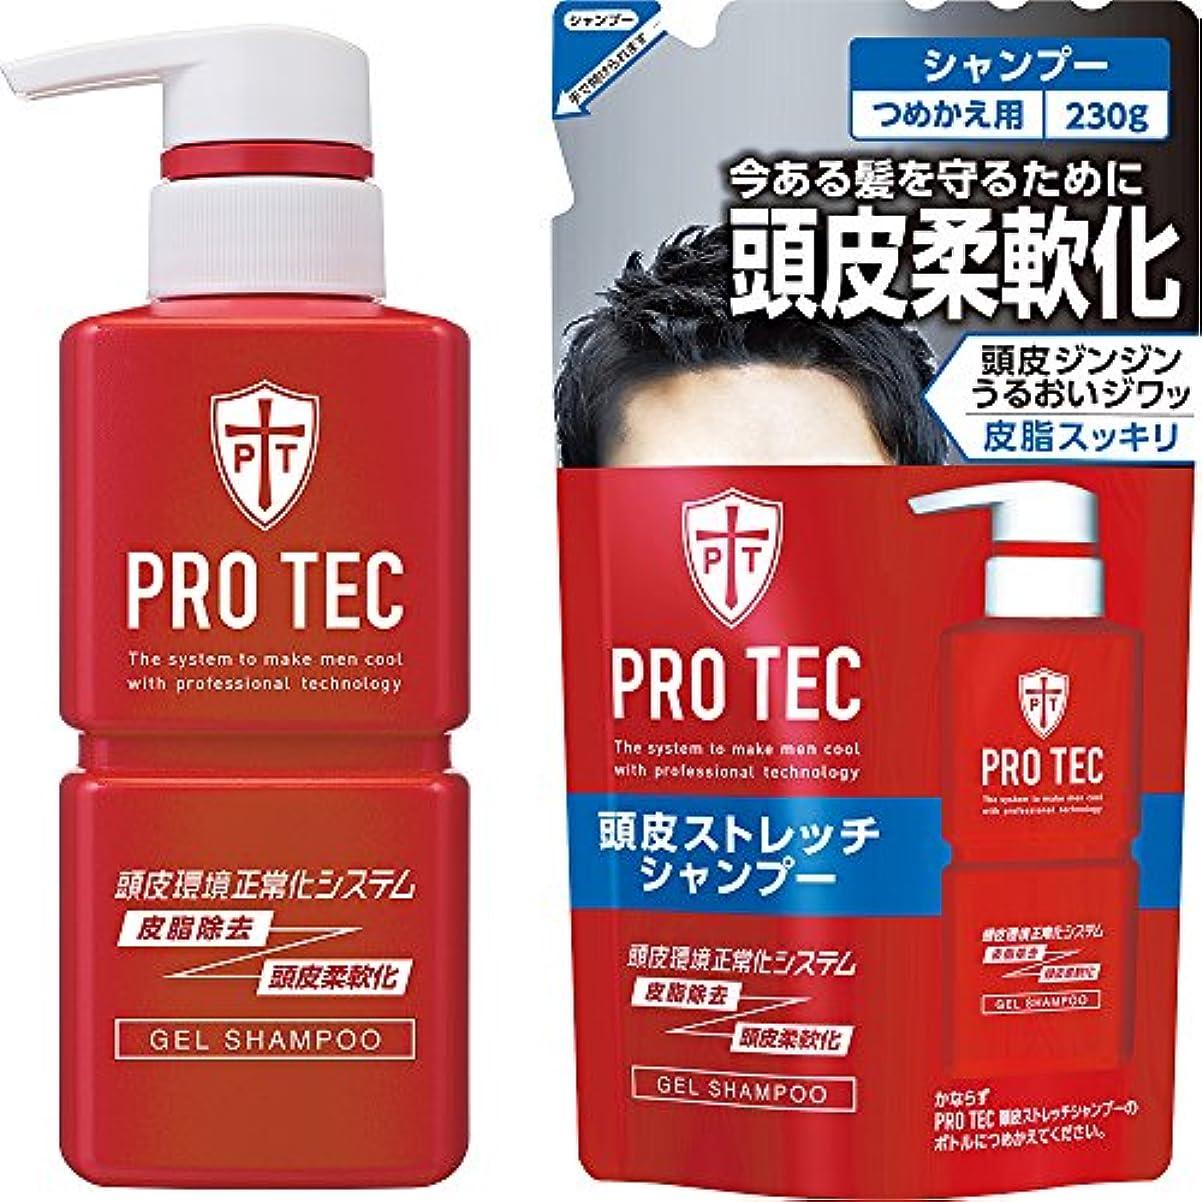 行き当たりばったりファンレプリカPRO TEC(プロテク) 頭皮ストレッチシャンプー 本体ポンプ300g+詰め替え230g セット(医薬部外品)